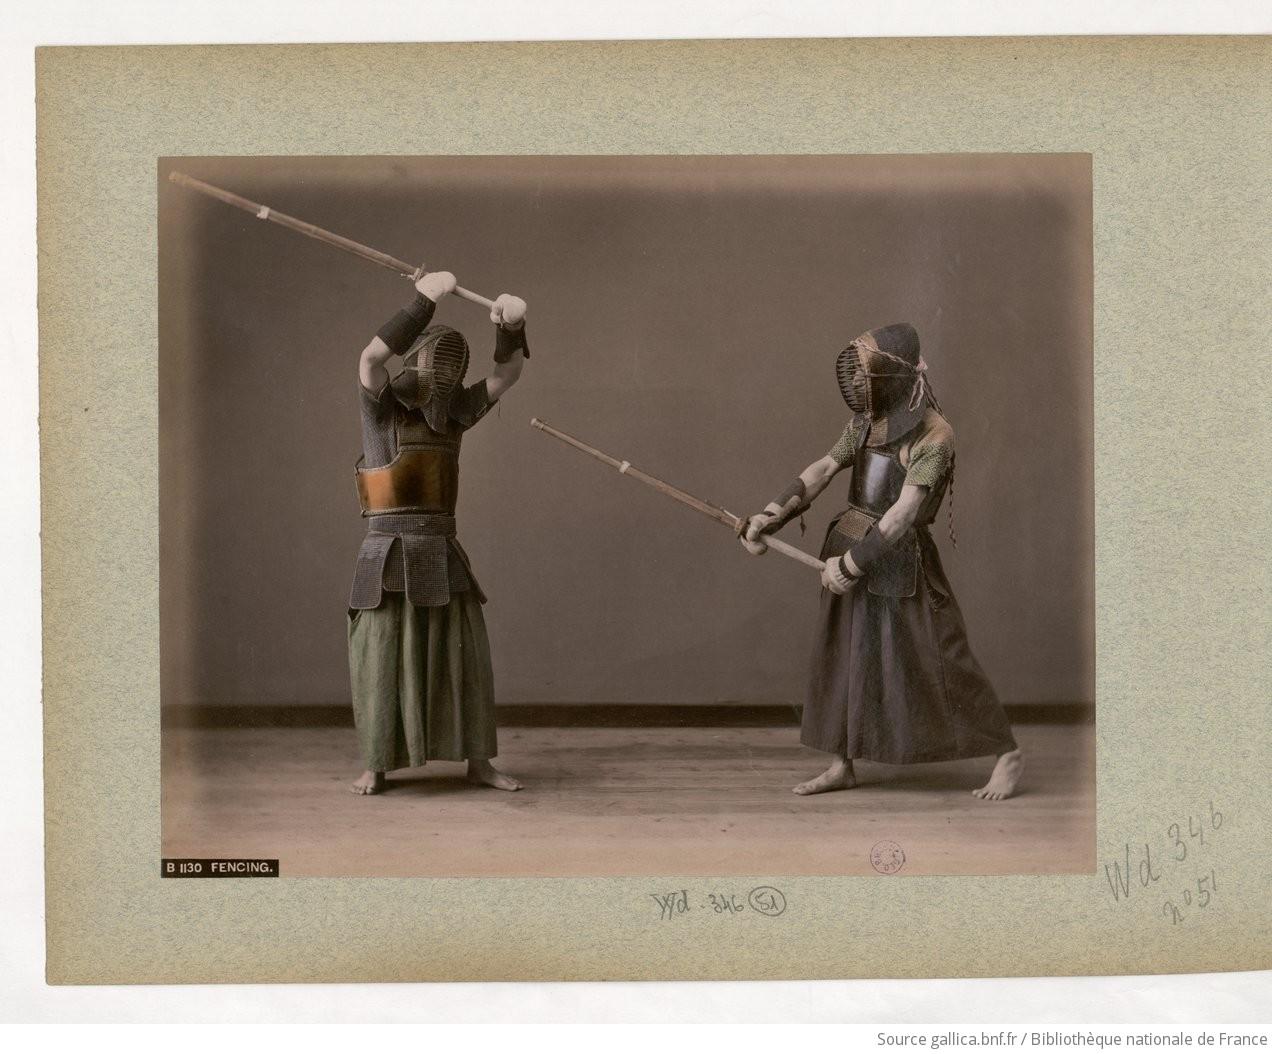 Fig. 51. B 1130 Fencing;